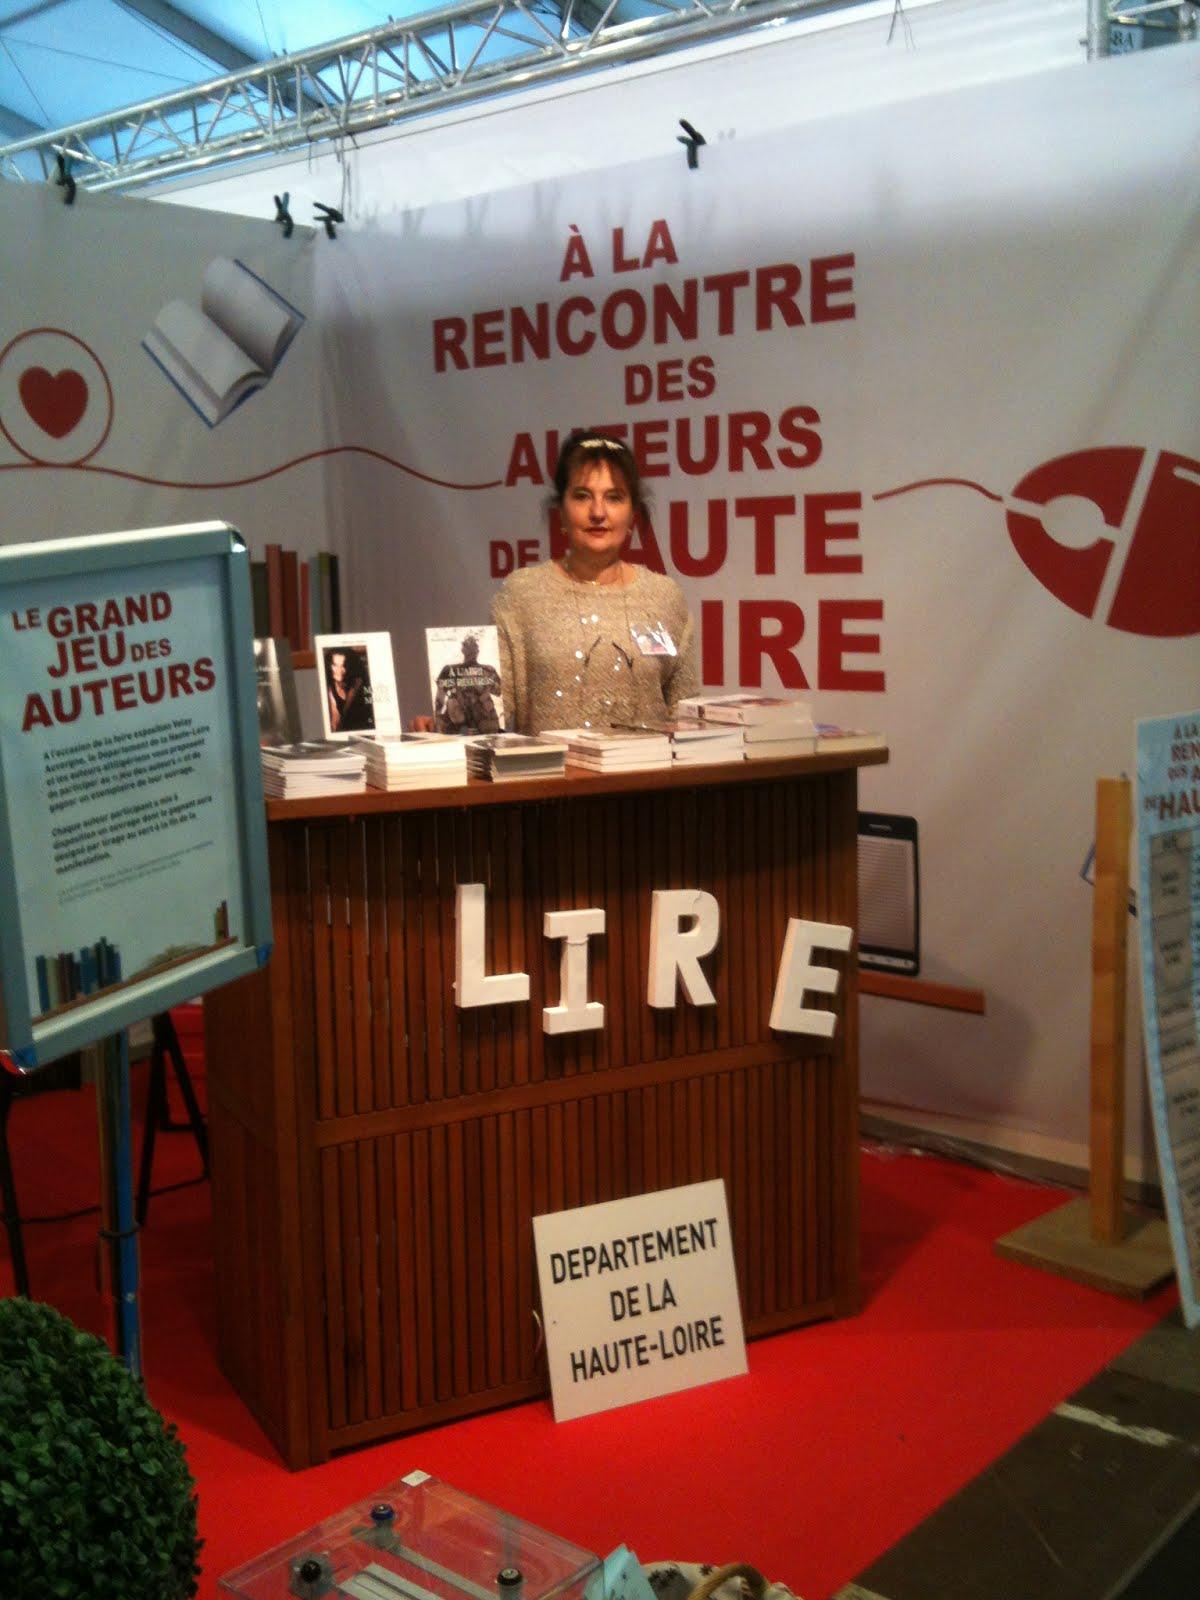 Foire exposition du Puy-en-Velay 2015